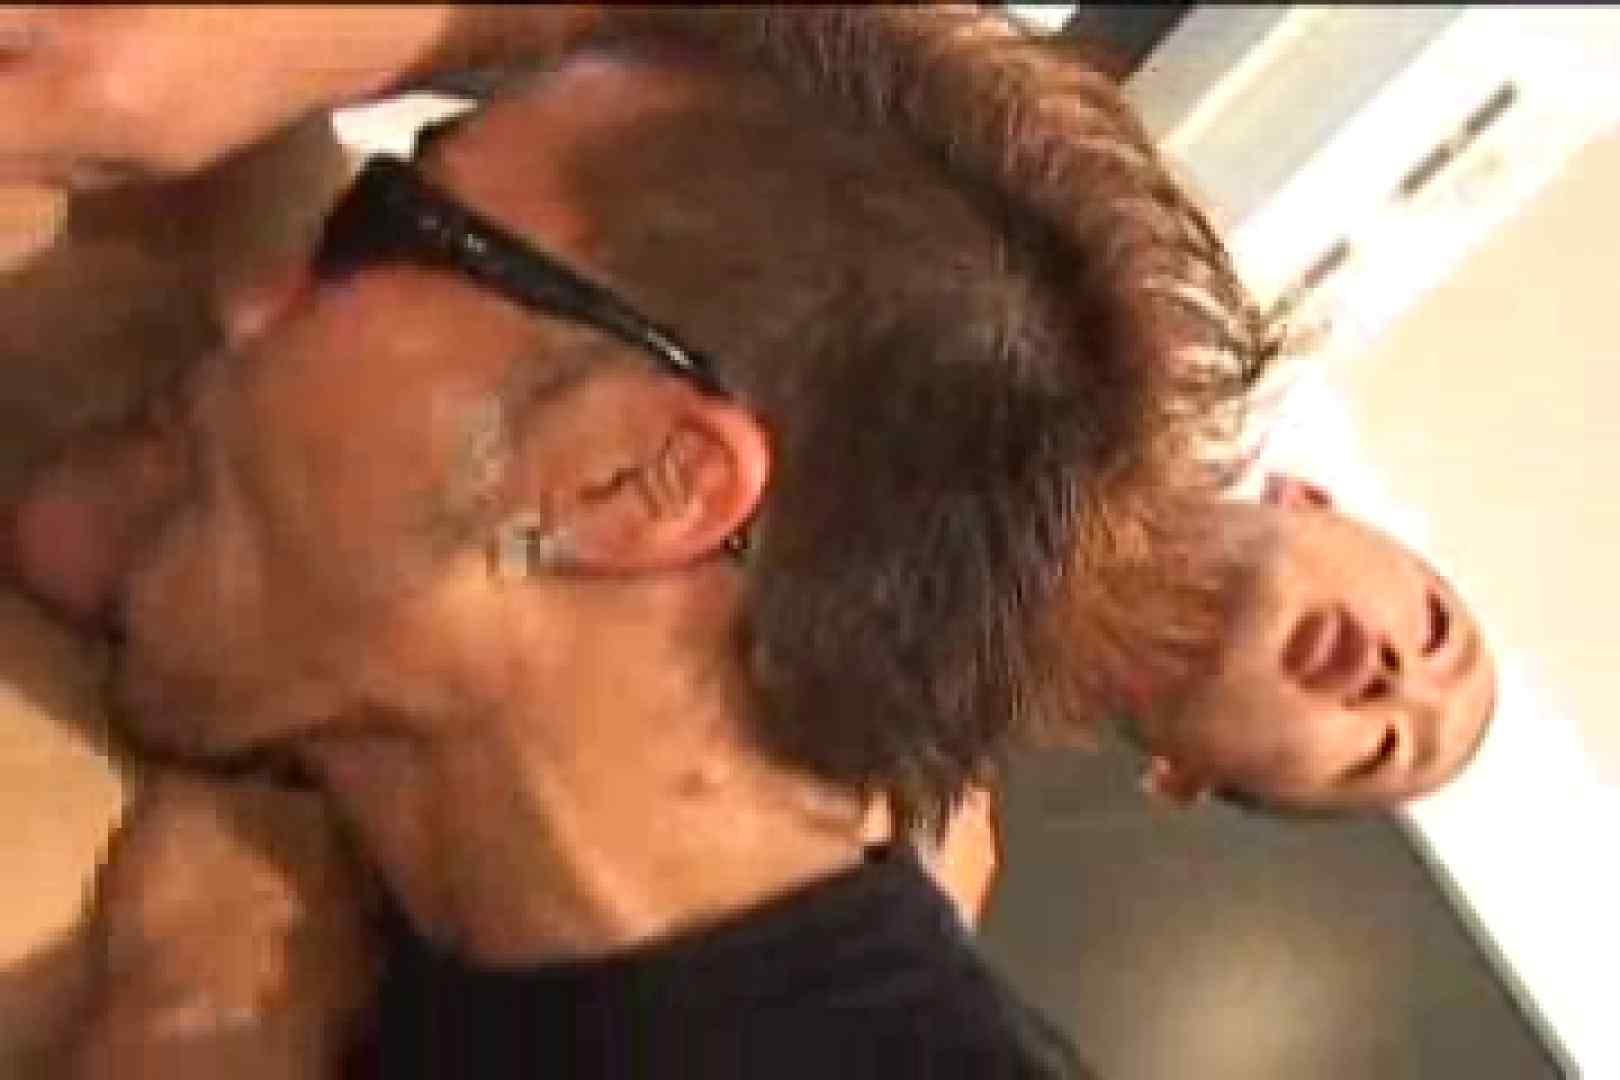 スポMENファック!!反り勃つ男根!!vol.8 スポーツマン ゲイアダルトビデオ画像 11枚 6